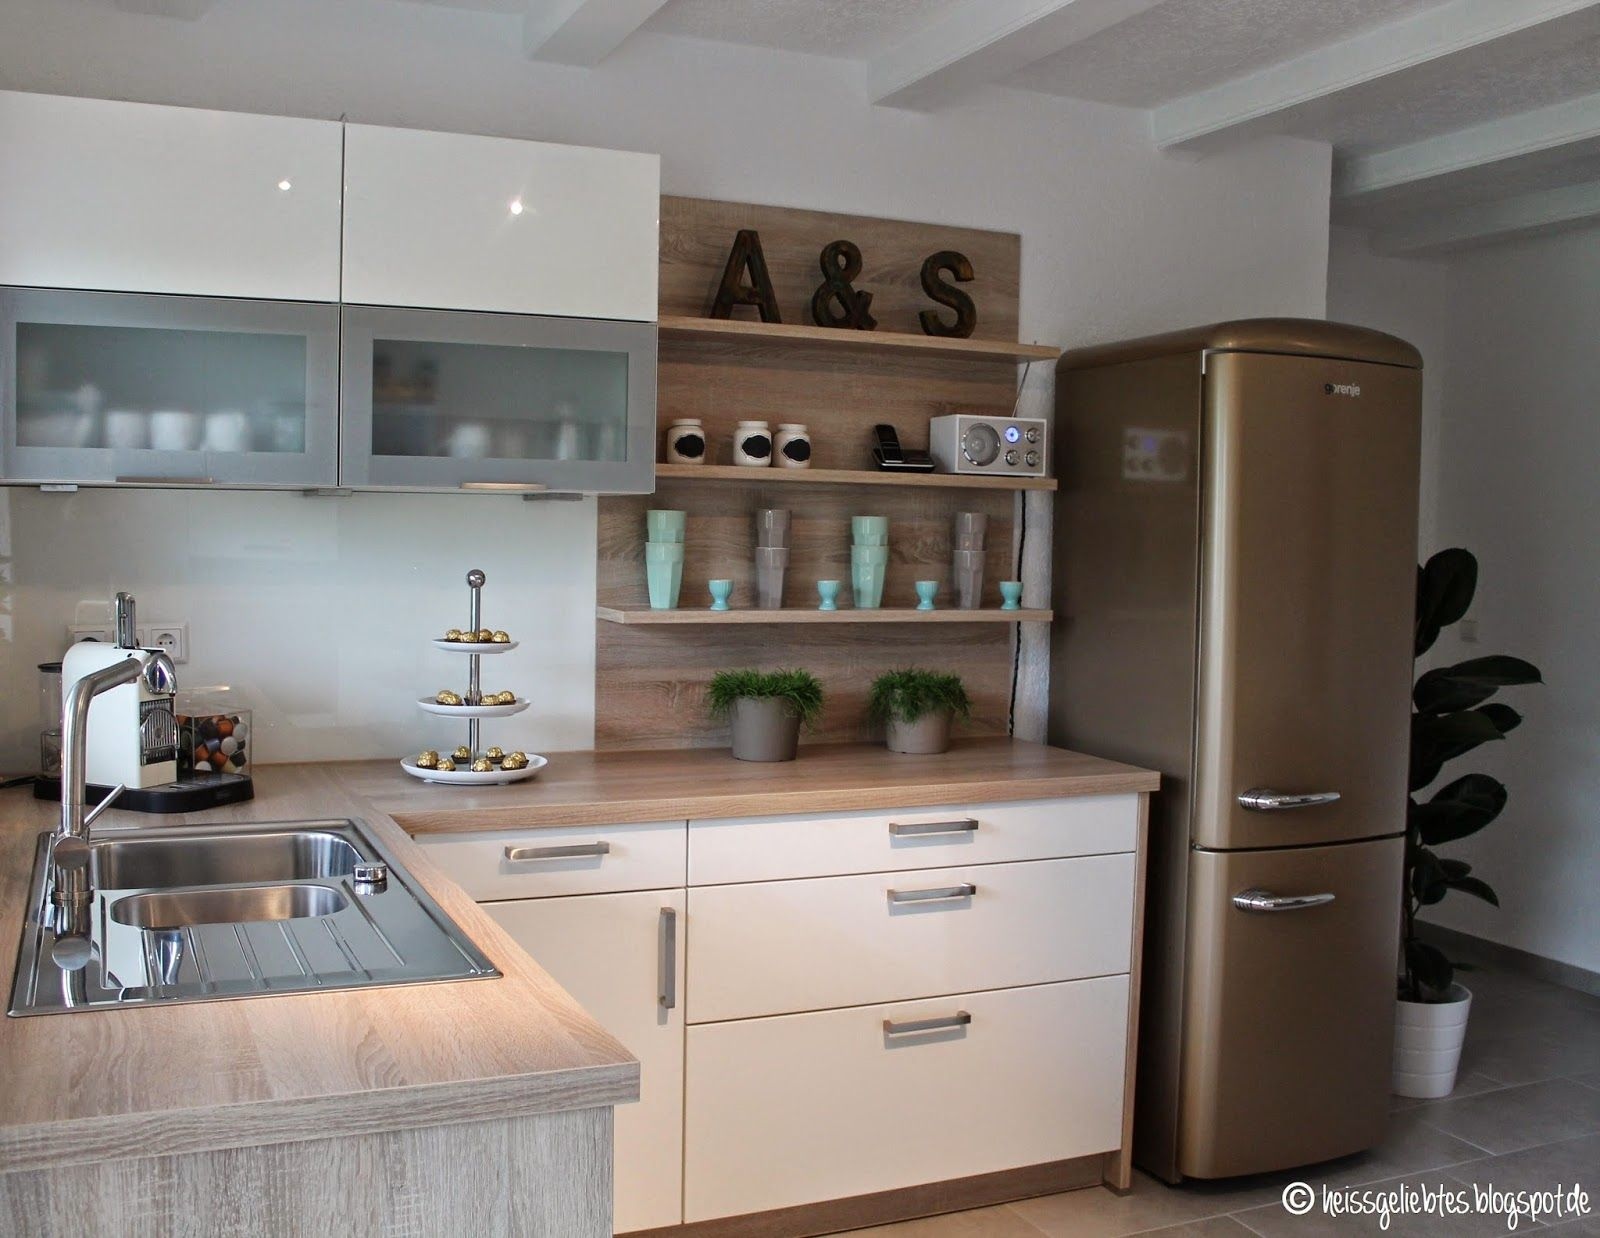 Grünes esszimmer design dreh und angelpunkt die kÜche küche  retro  interior  kitchen